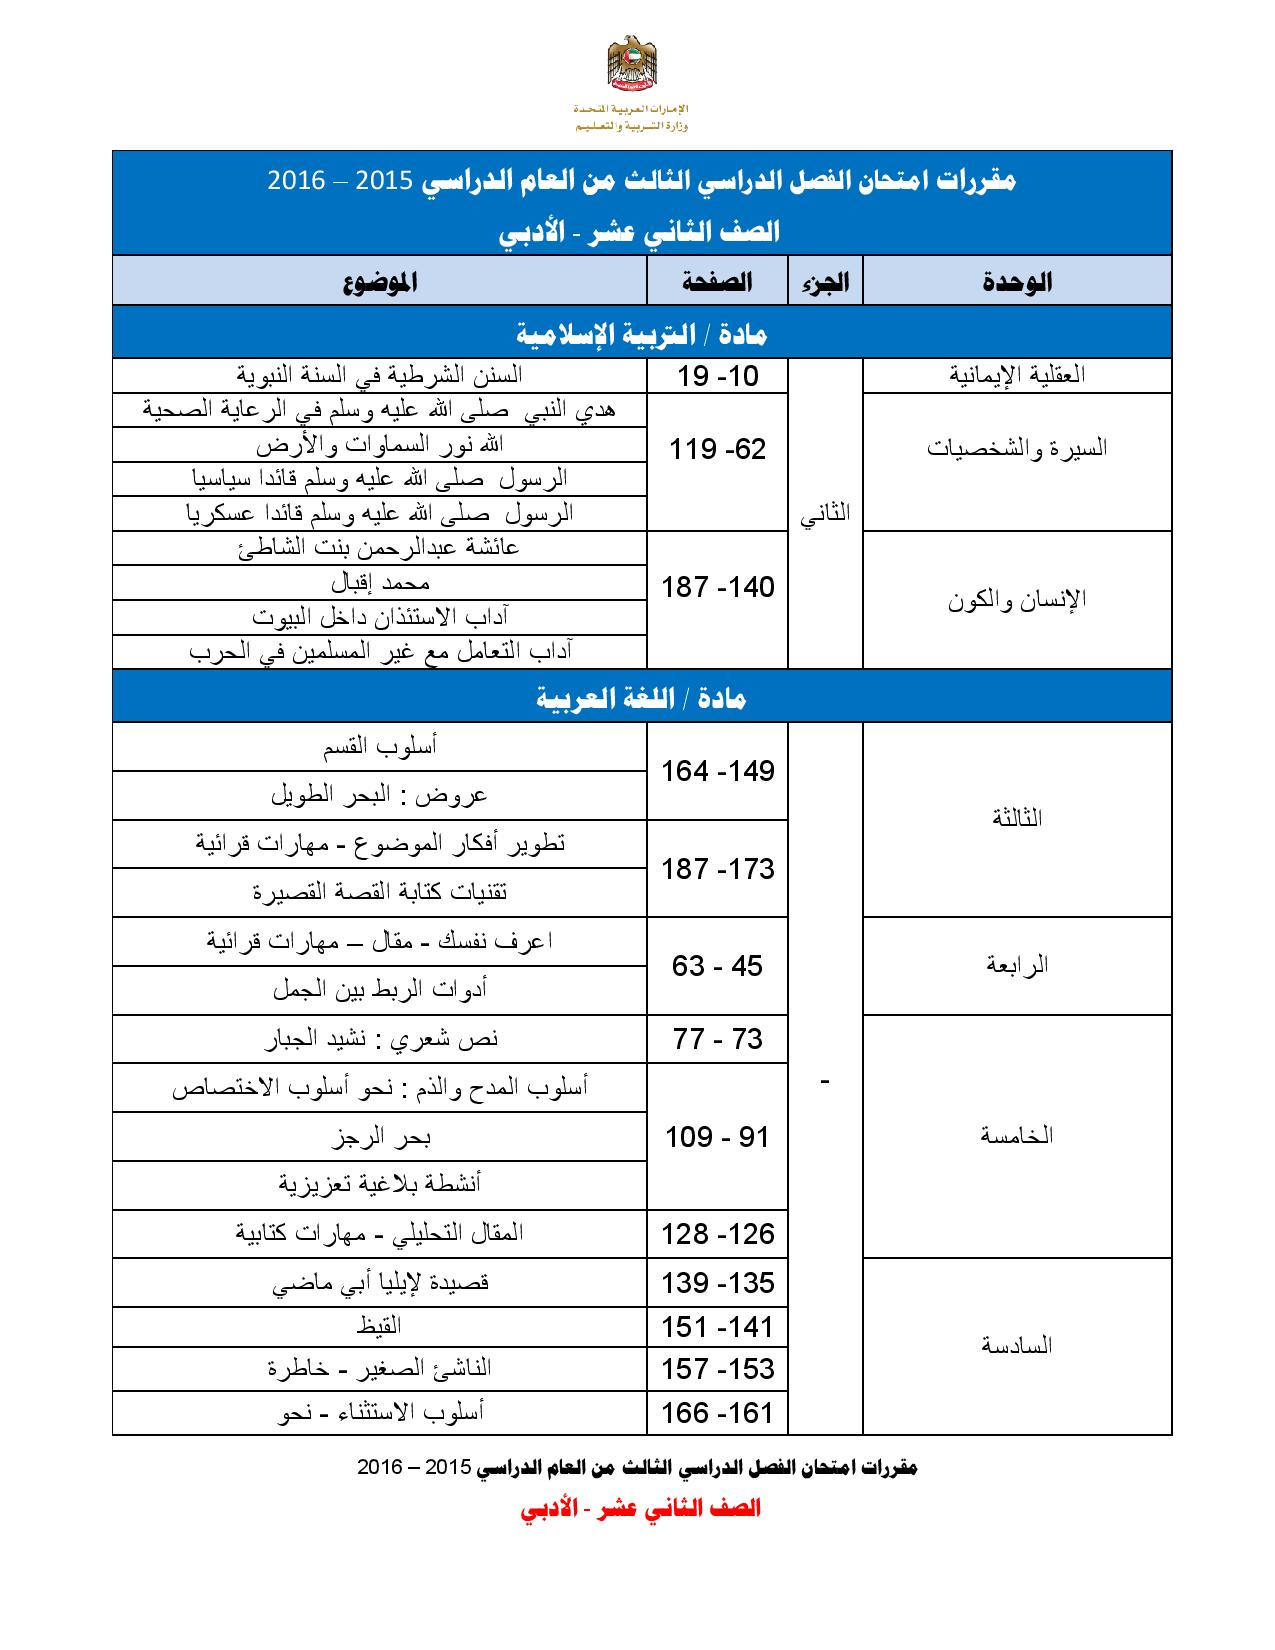 مقررات امتحانات الصف الثانى عشر ادبى للفصل الثالث 2016 (1)